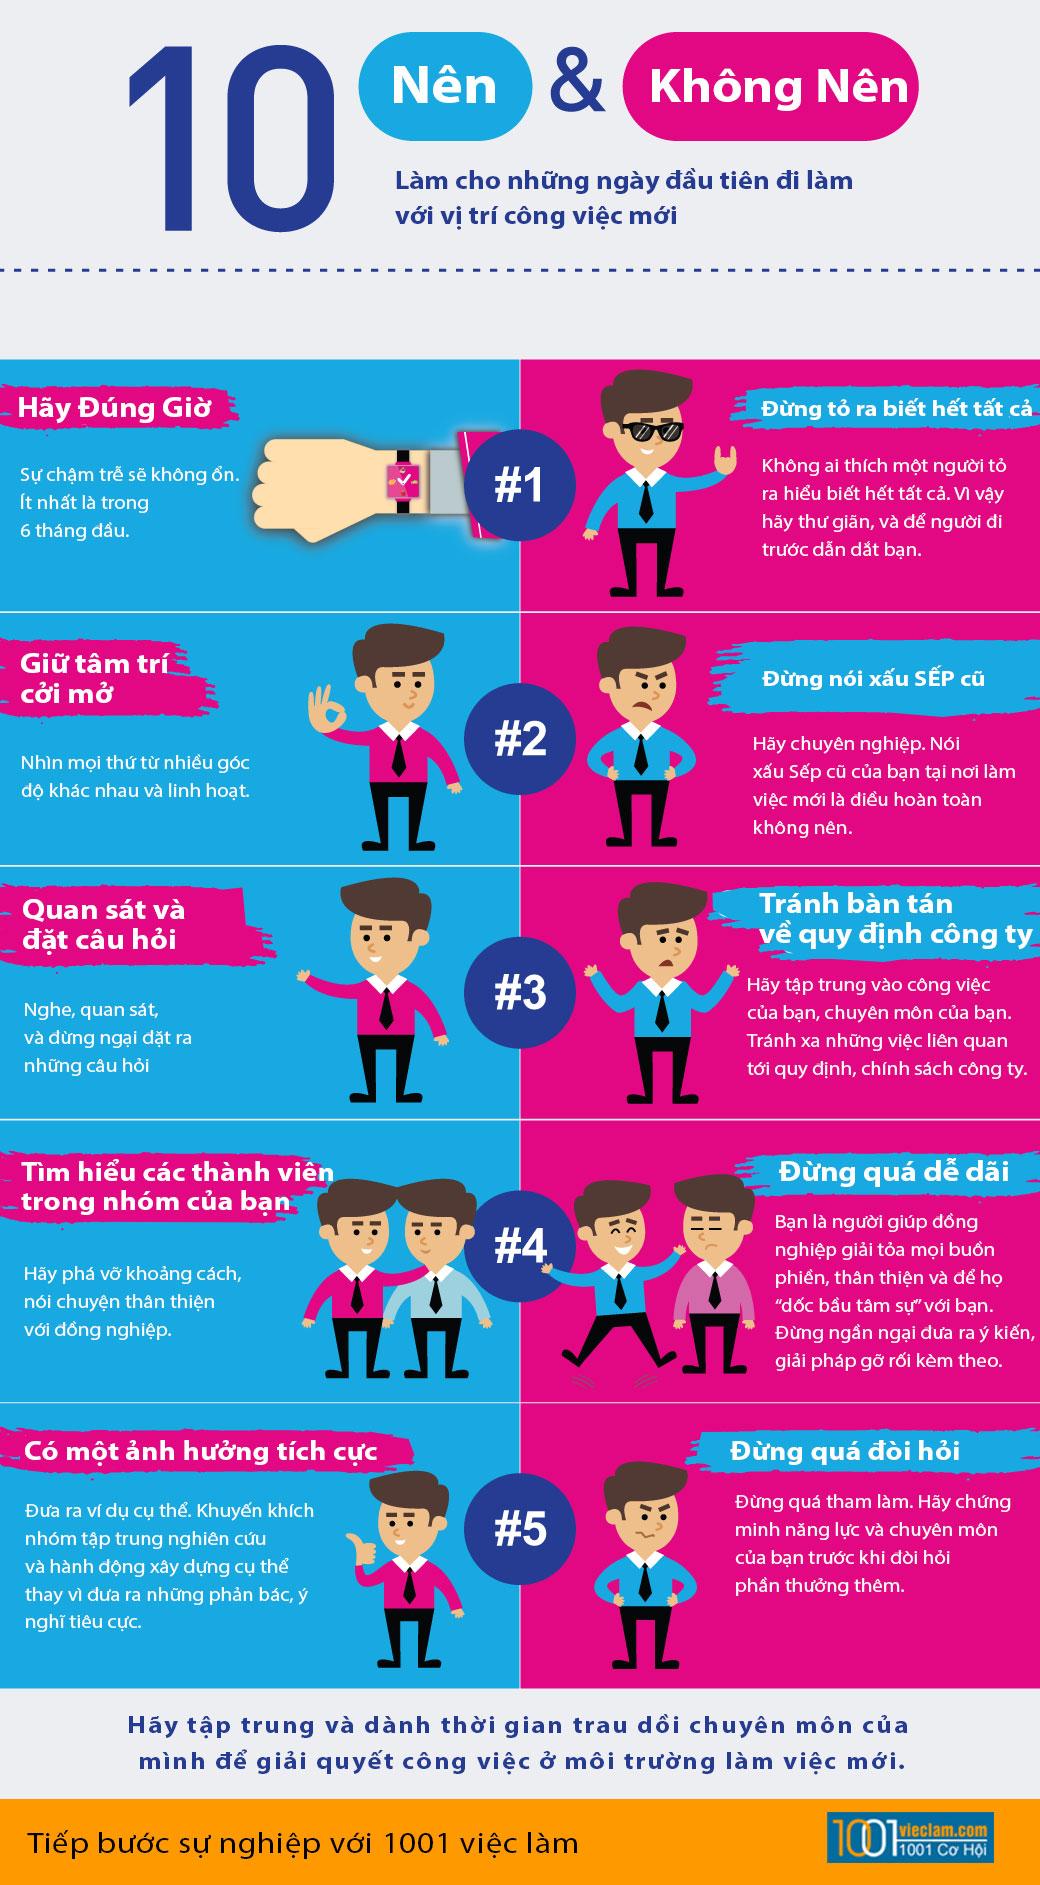 (Infographic) 10 Điều Nên Và Không Nên Làm Cho Những Ngày Đầu Tiên Đi Làm Với vị trí công việc mới